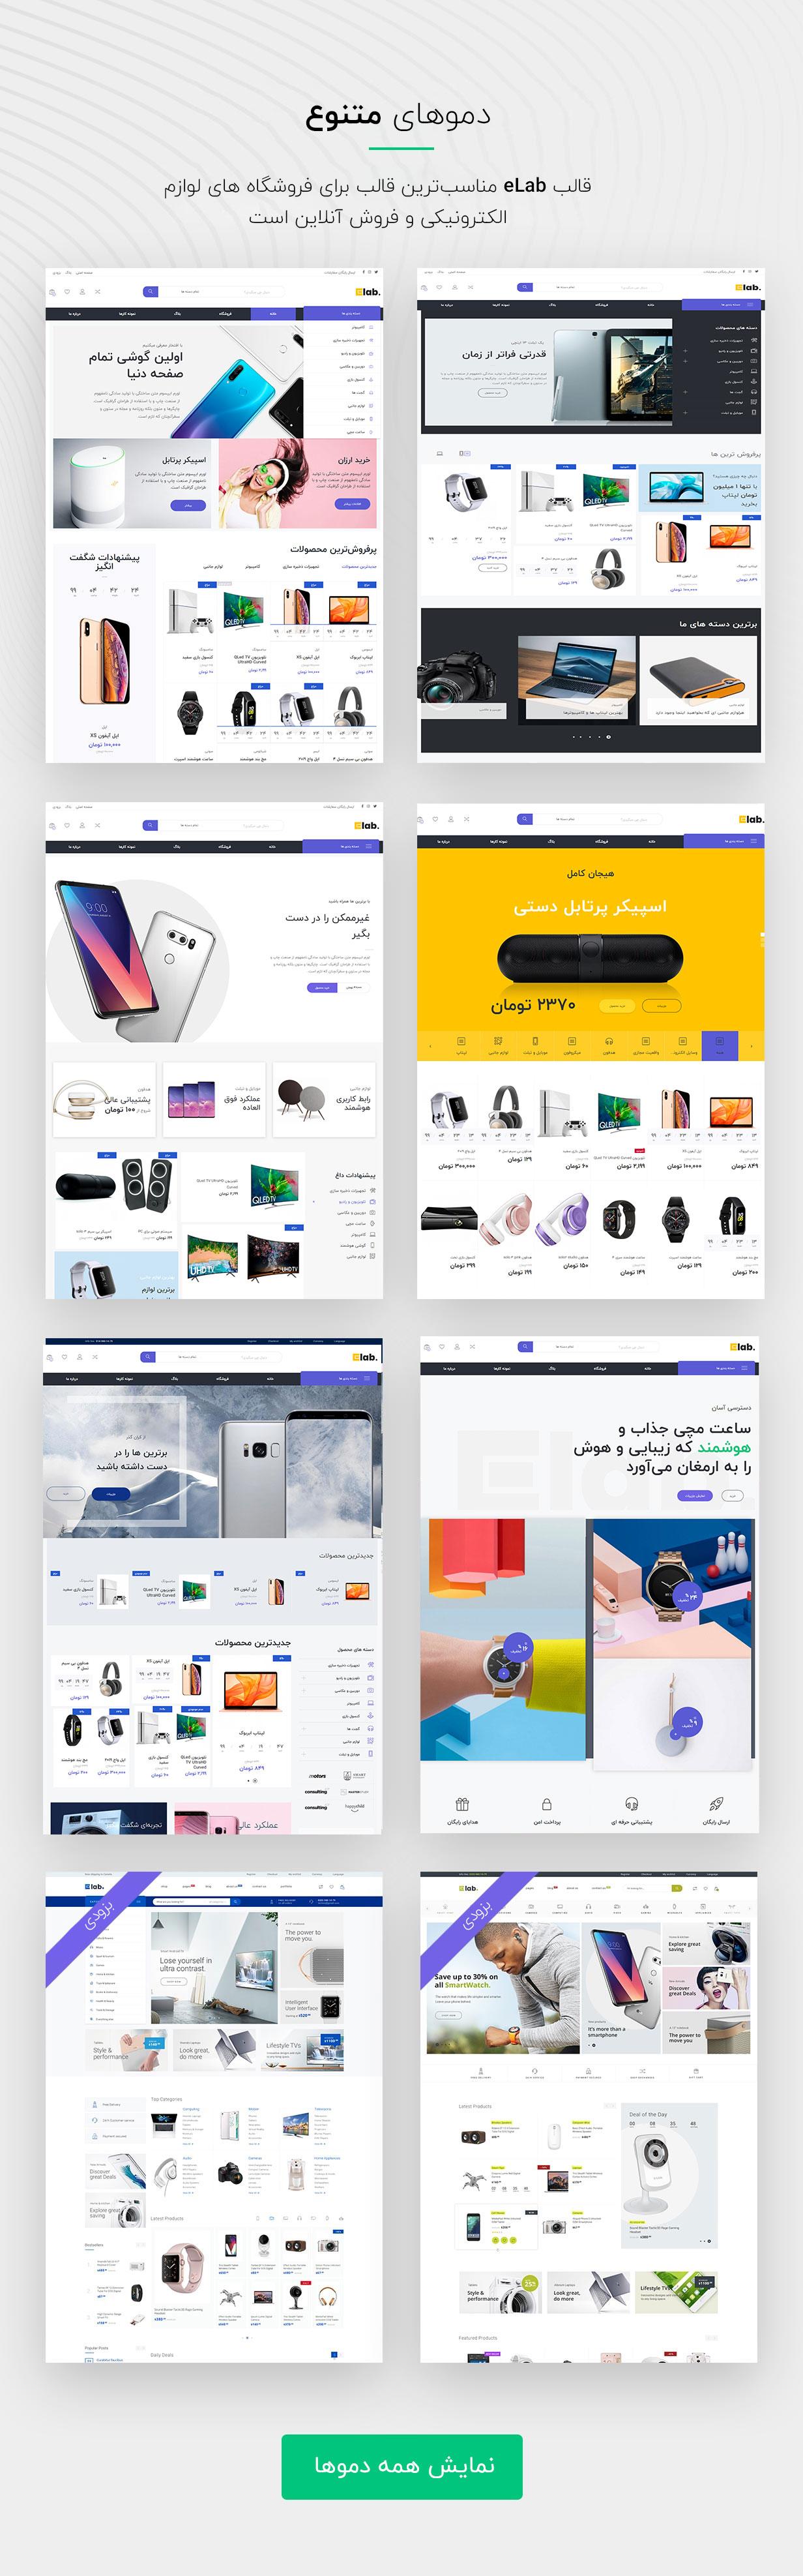 قالب Elab پوسته فروشگاه الکترونیکی